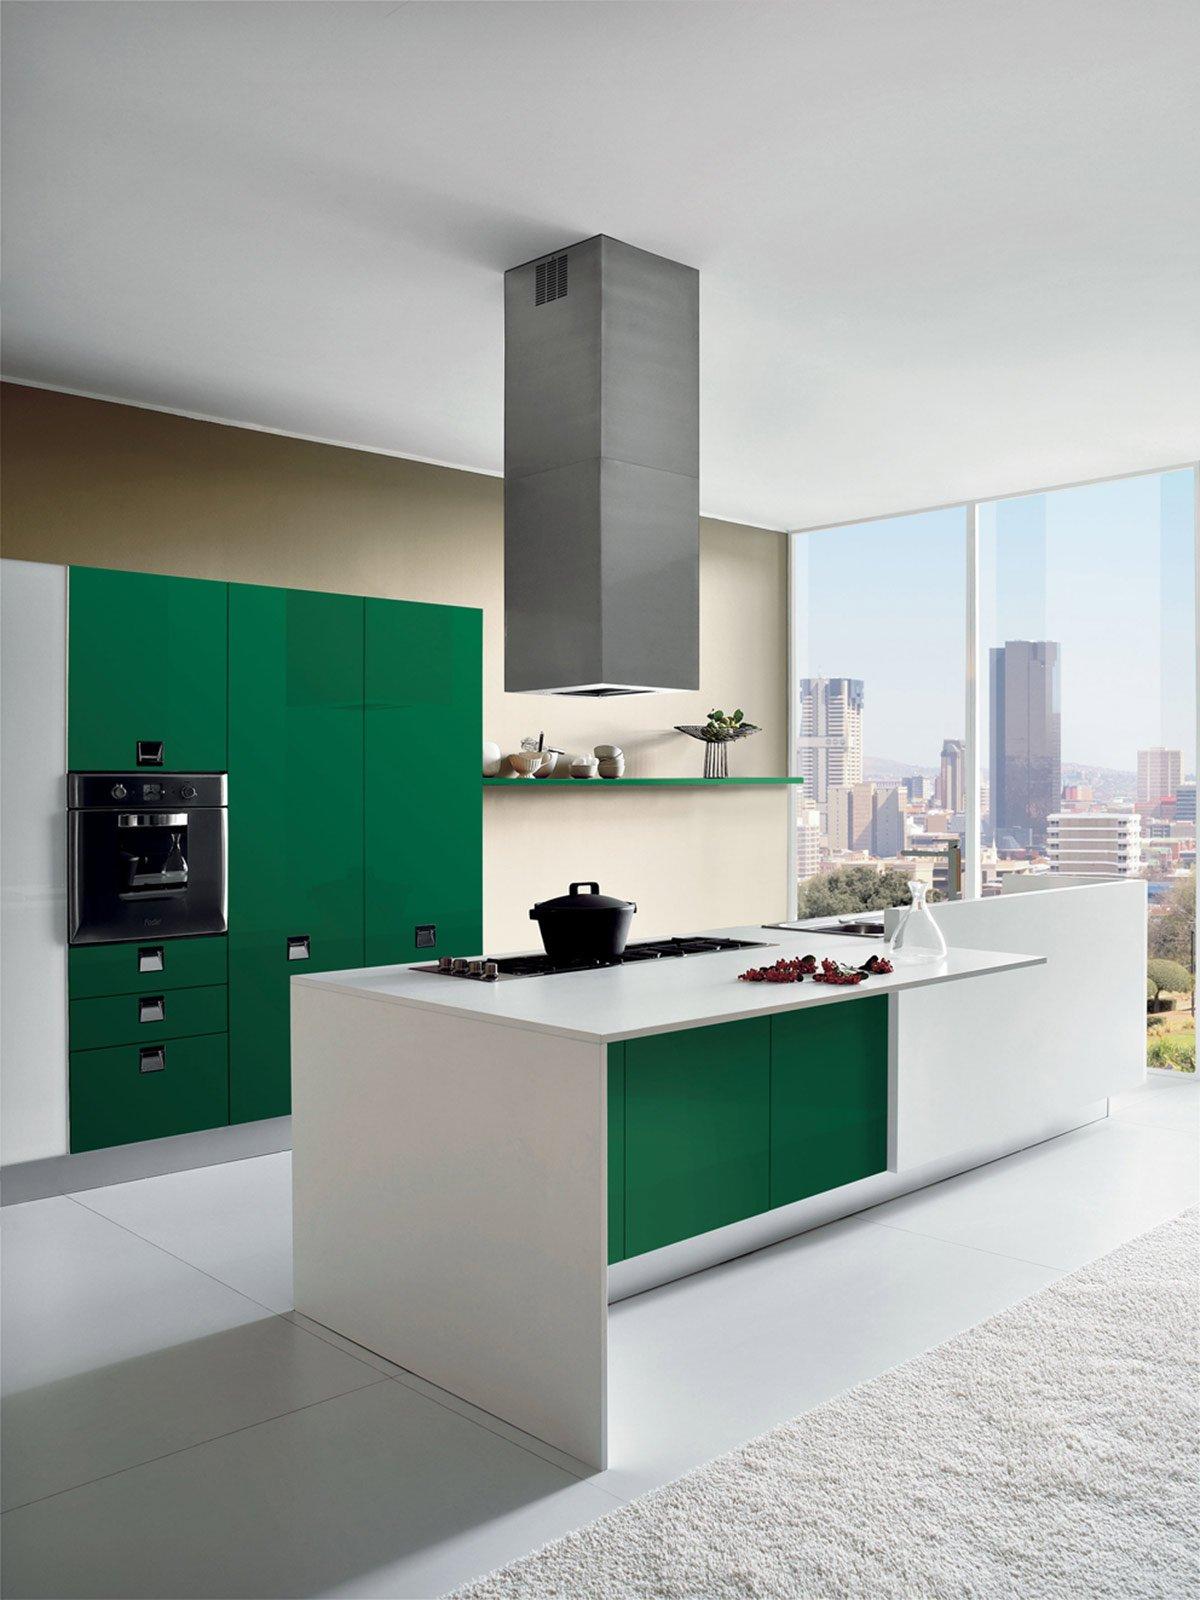 Cucine colori fluo per arredarla cose di casa - Colori di cucine moderne ...